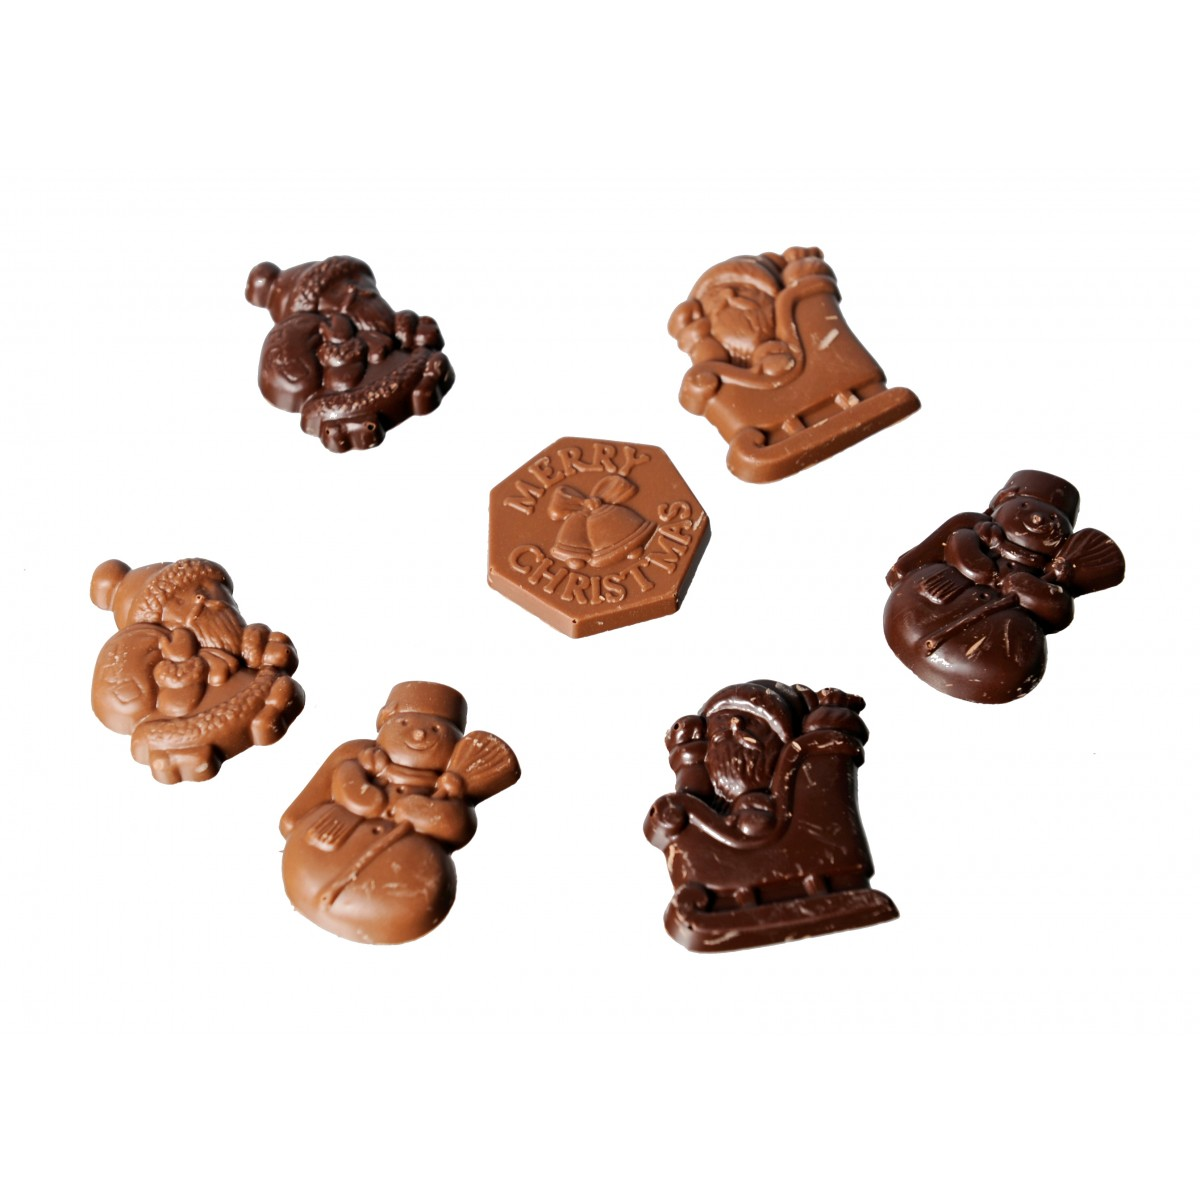 Chocolade Kerstfiguurtjes Bruin